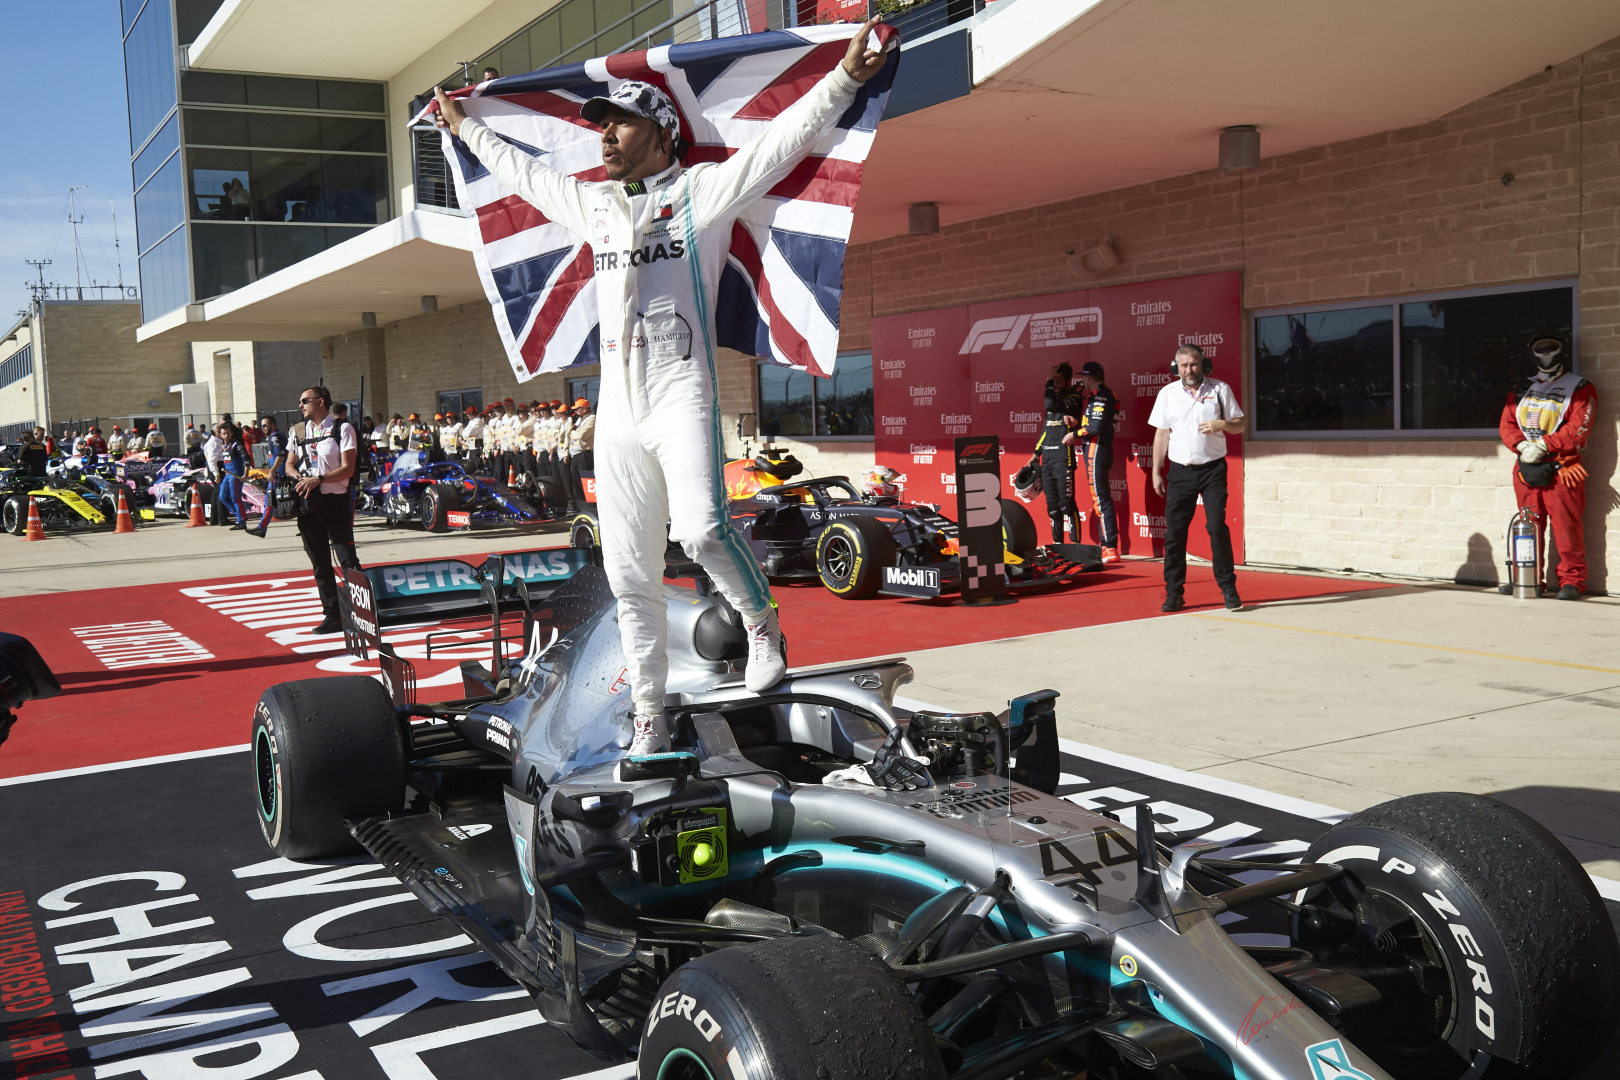 E. Jordanas: rikiuotėje nėra piloto, galinčio rimčiau pasipriešinti L. Hamiltonui